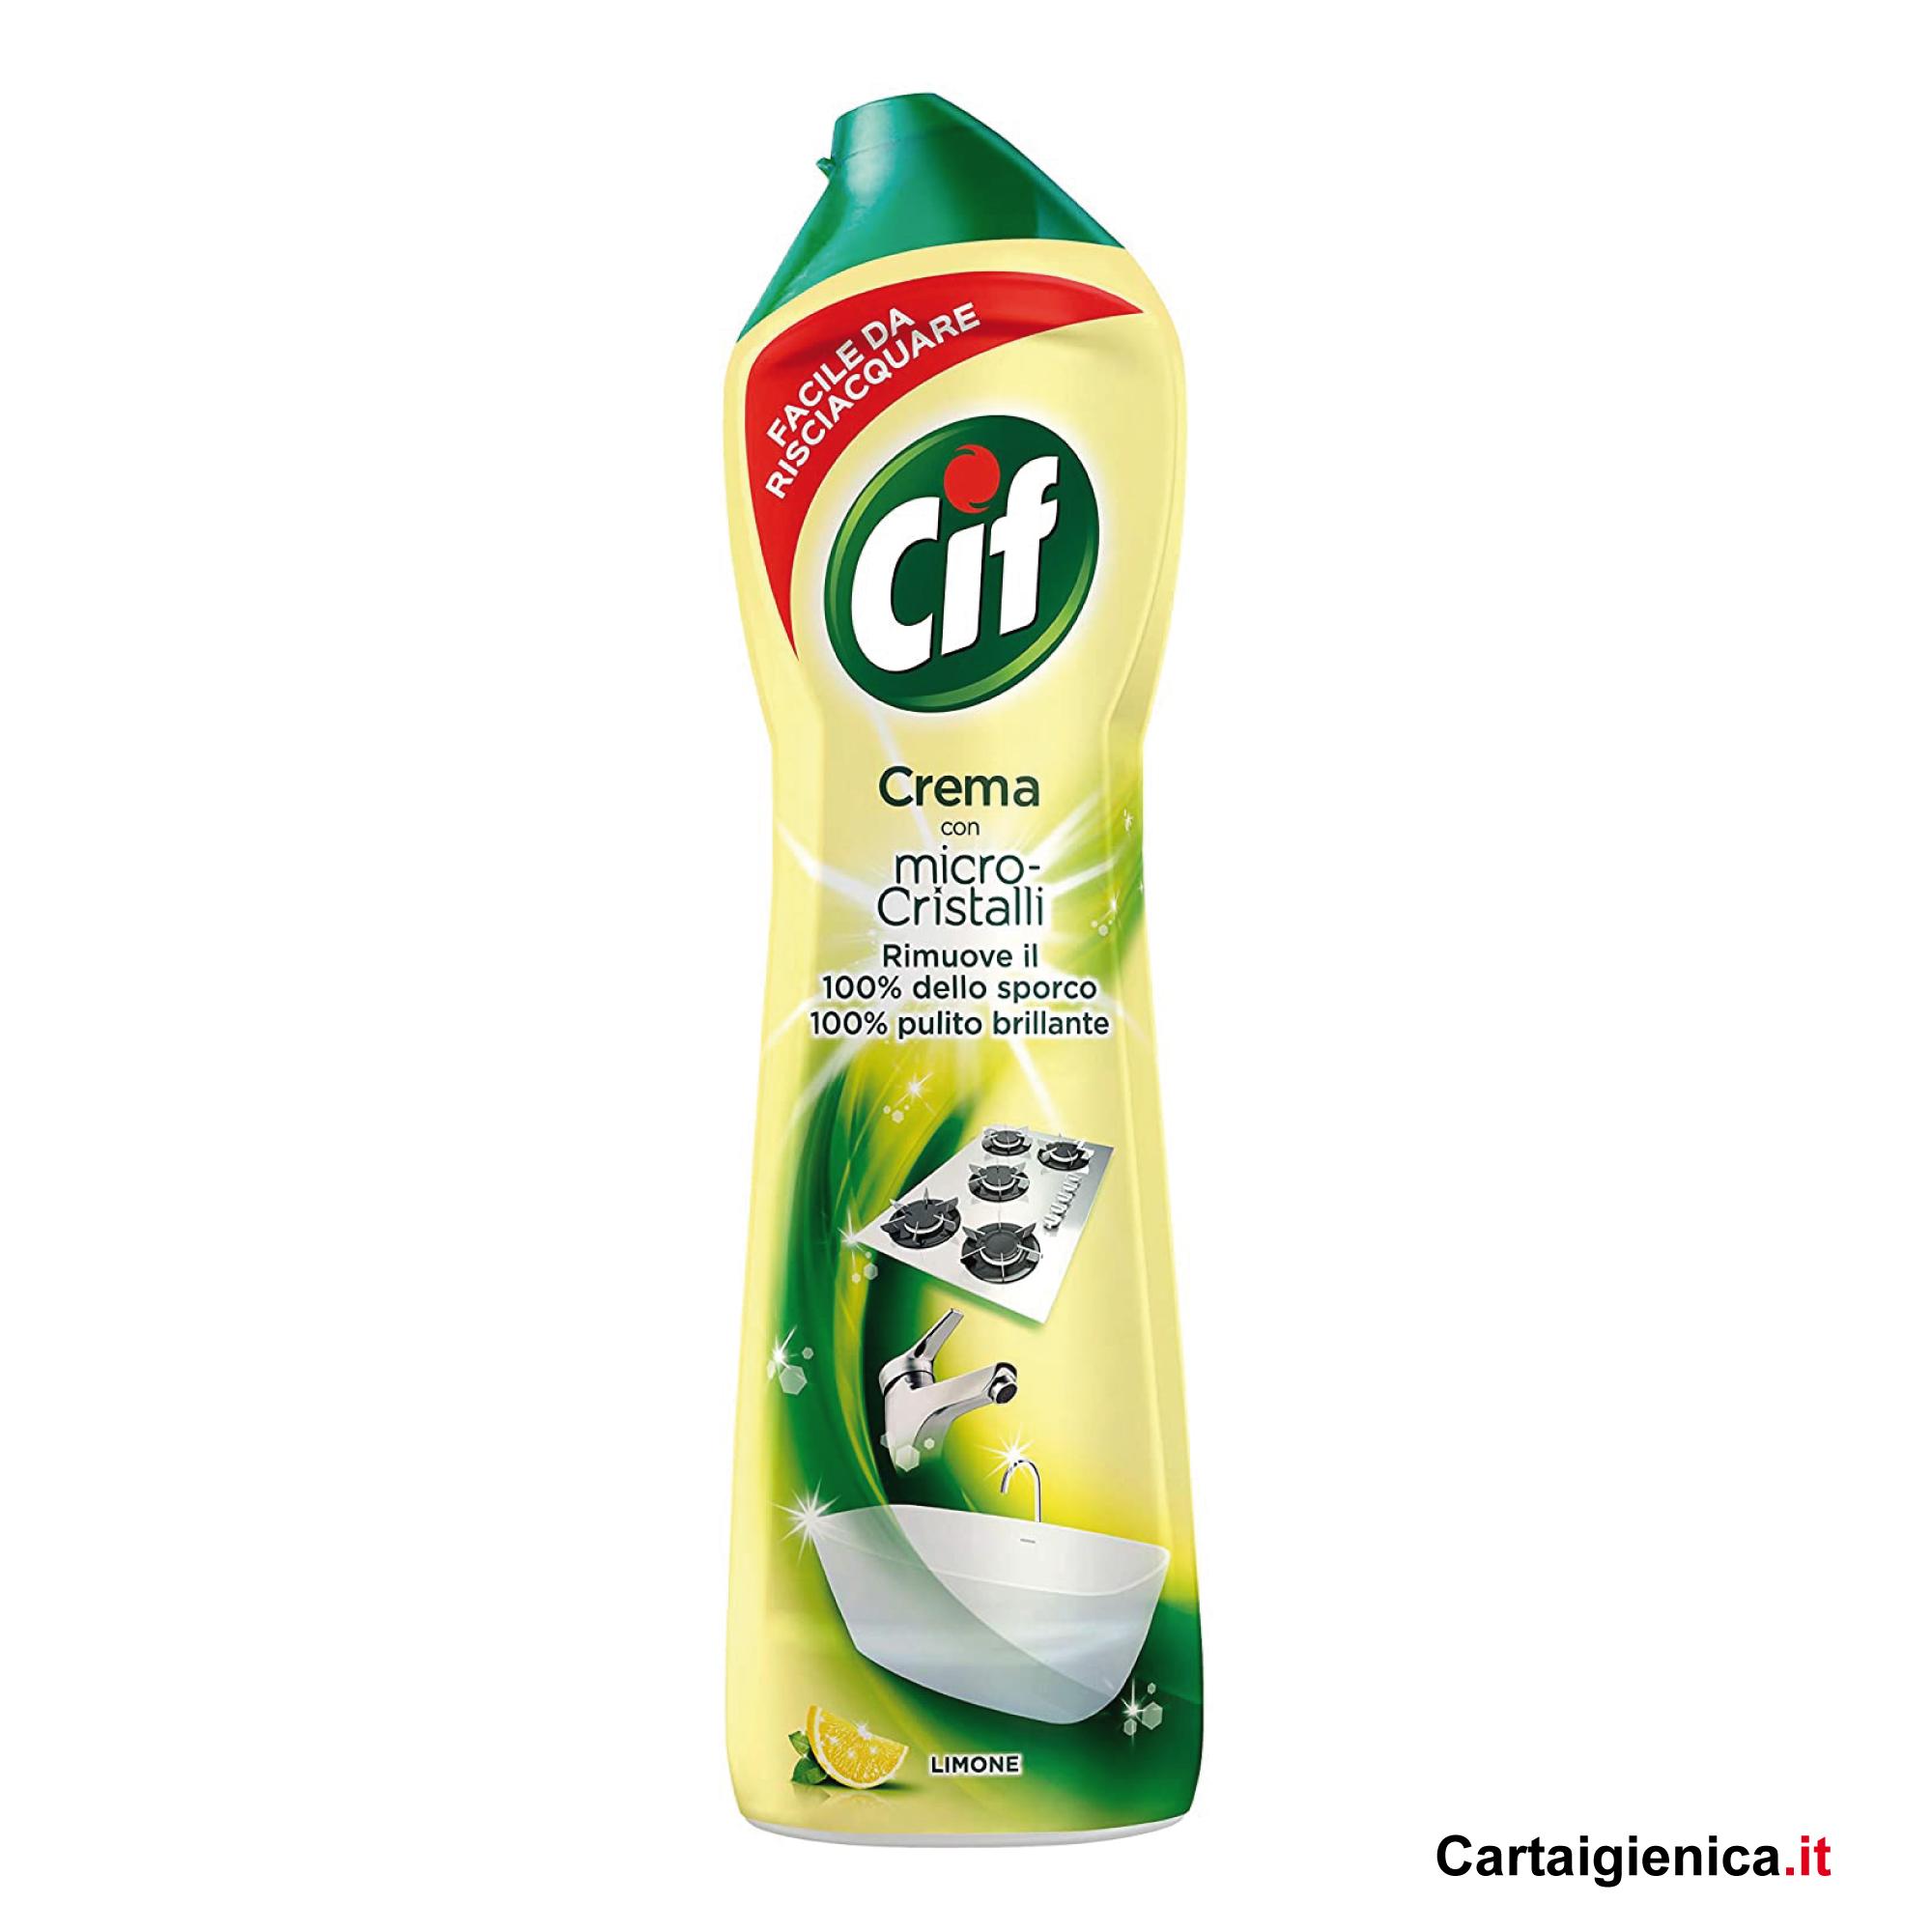 cif crema limone per pulizia al profumo limone 500 ml